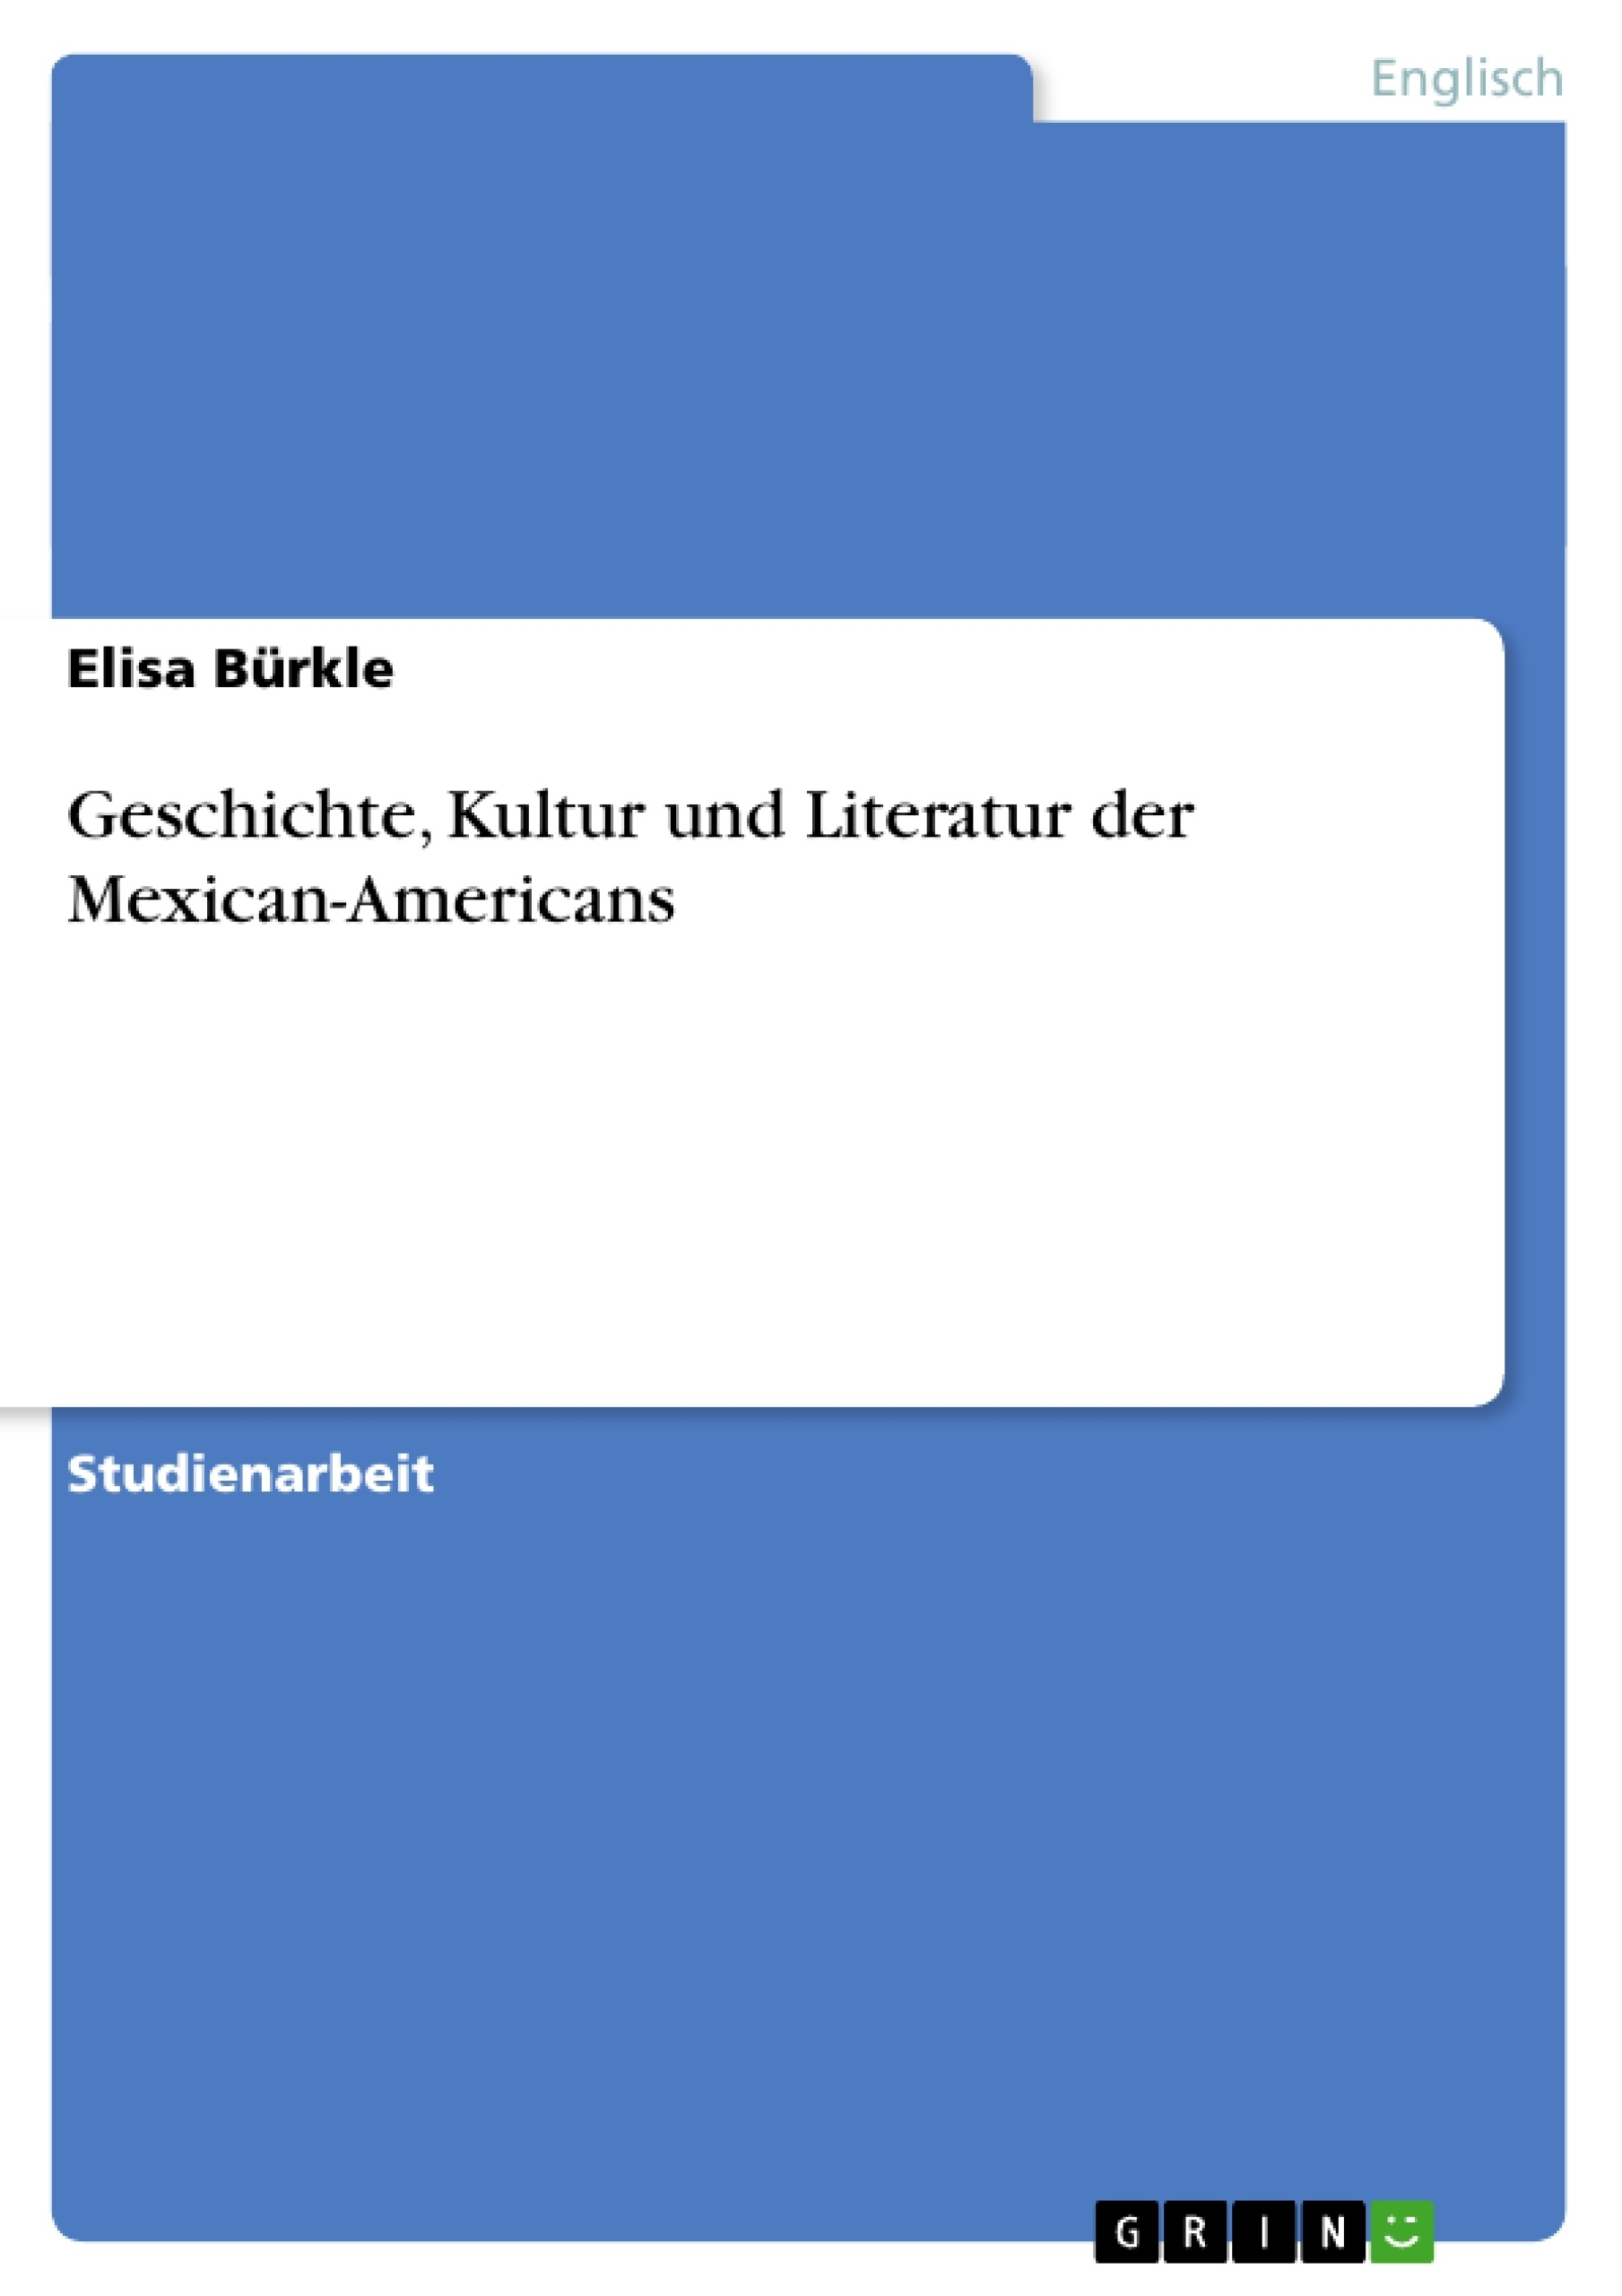 Titel: Geschichte, Kultur und Literatur der Mexican-Americans